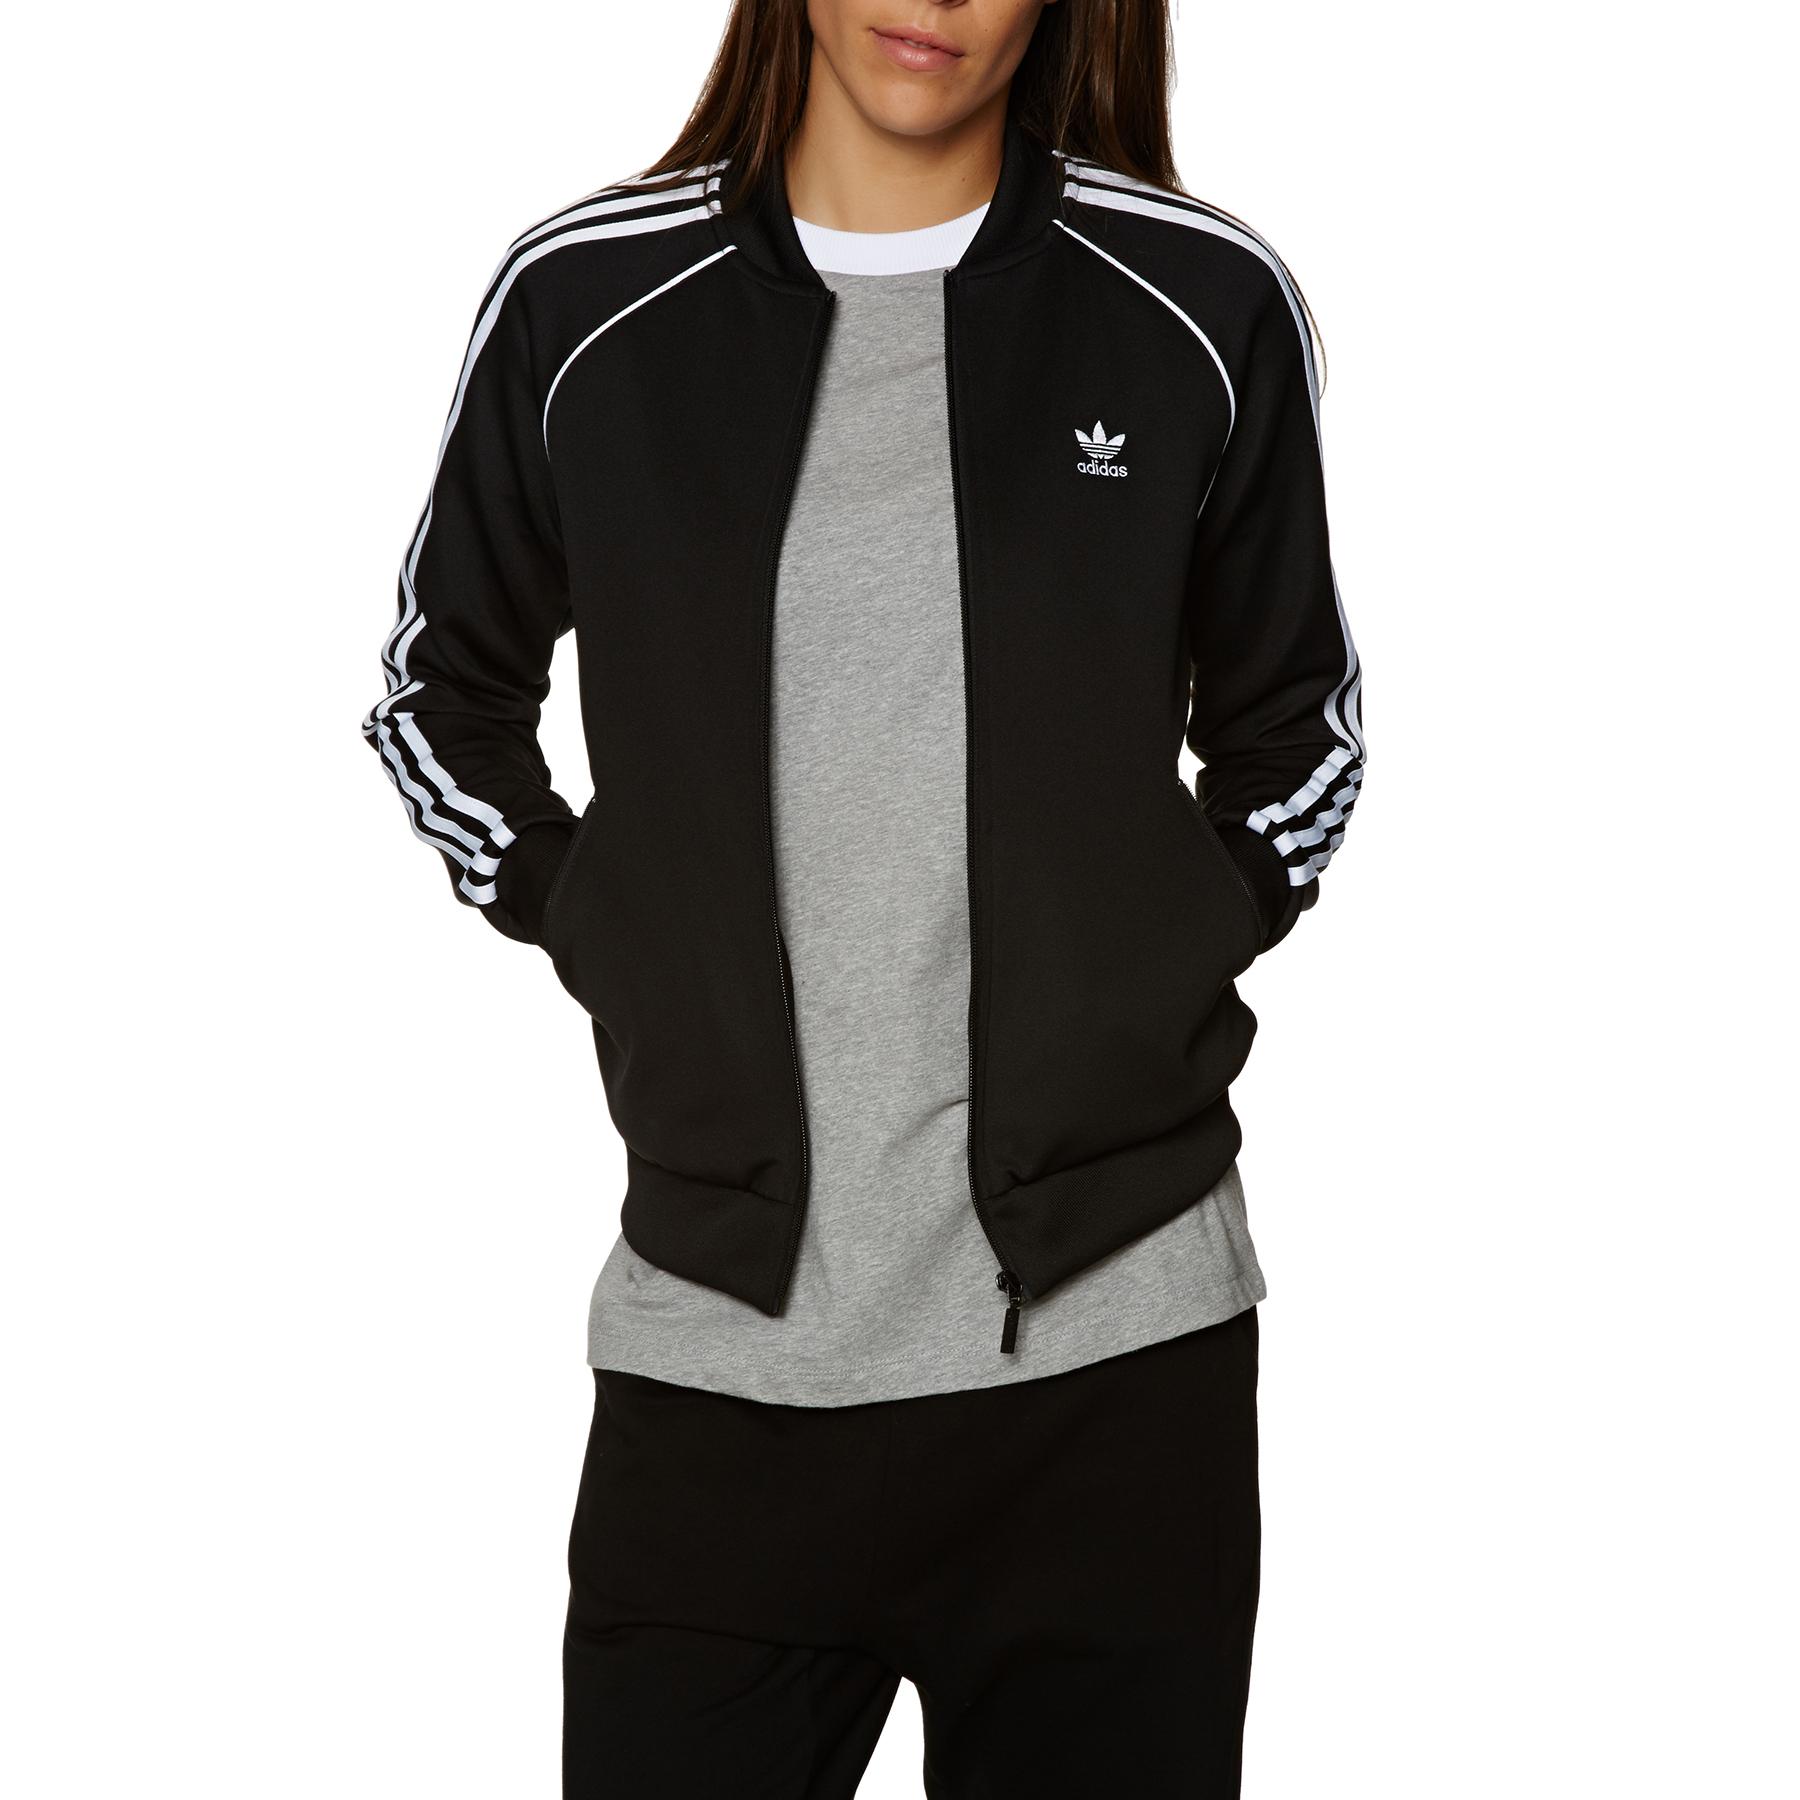 Pour Adidas SstLivraison Originals Femme Gratuite Veste Circuit shdCQtr